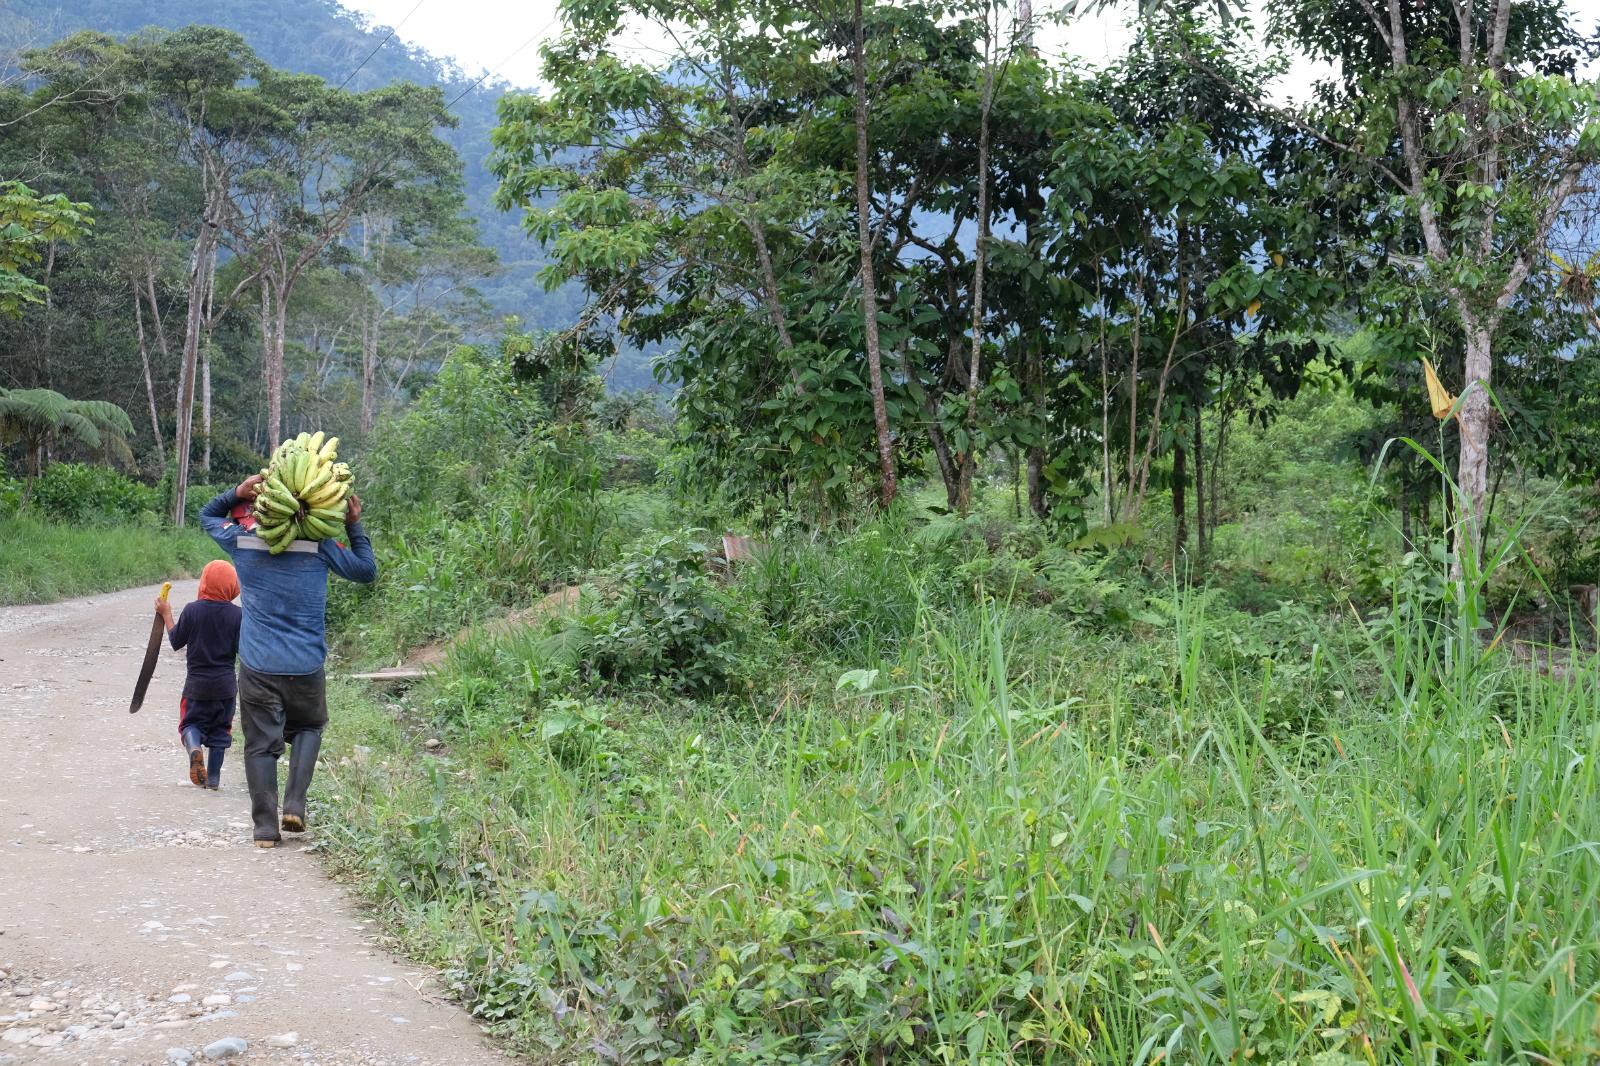 Kichwa people